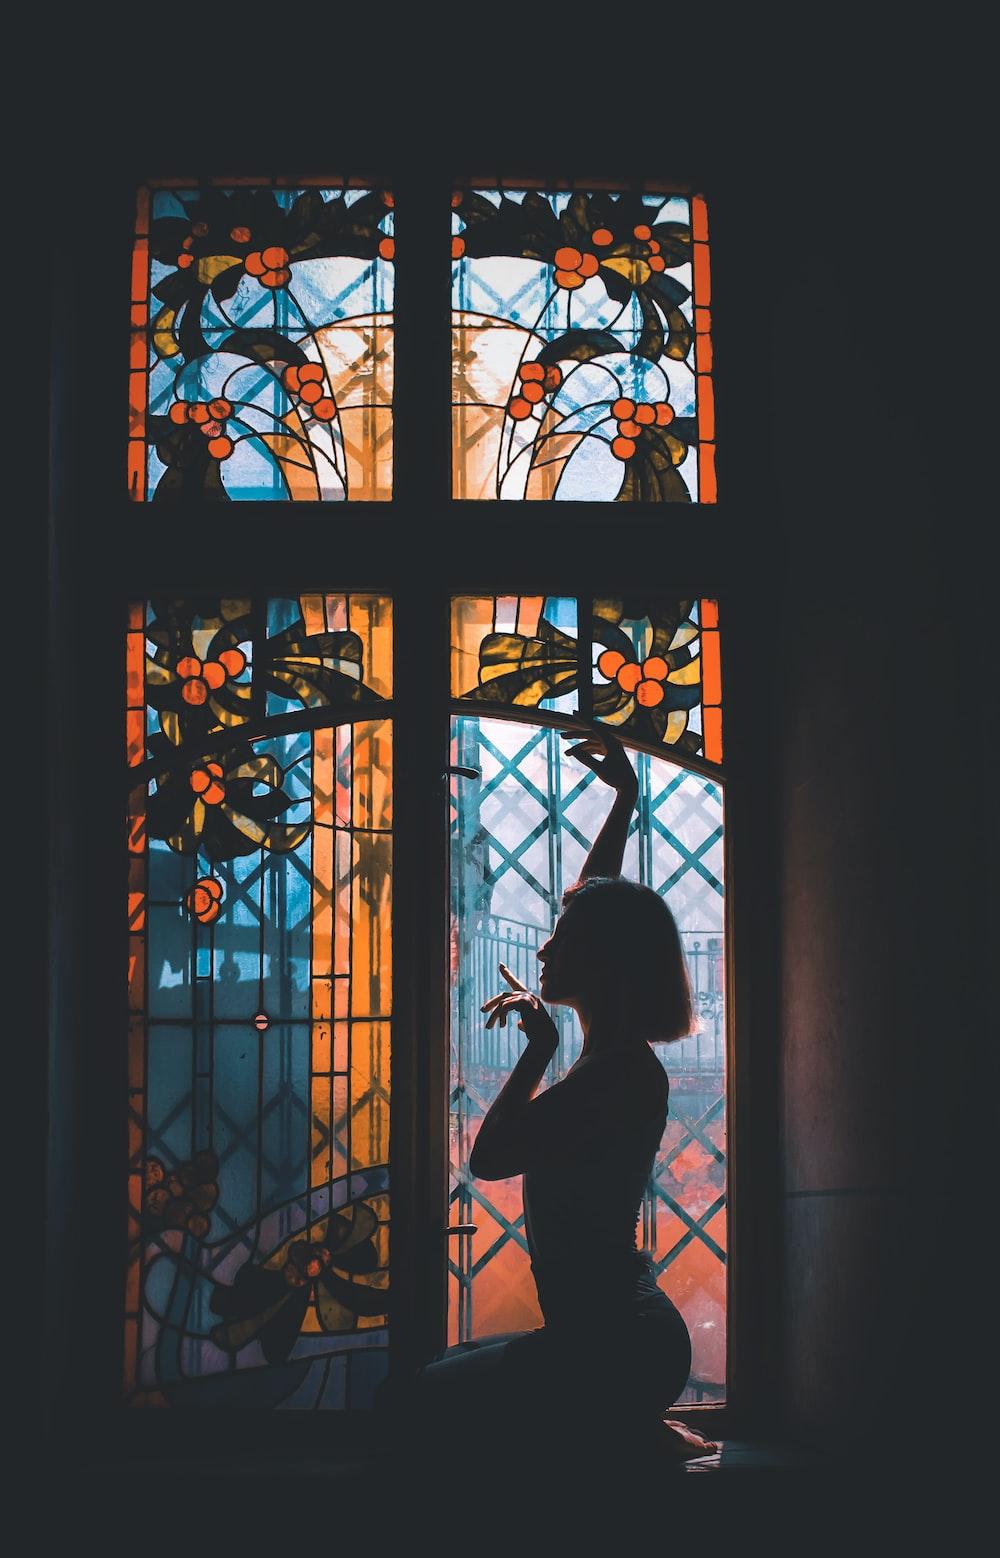 silhouette of woman sitting beside window